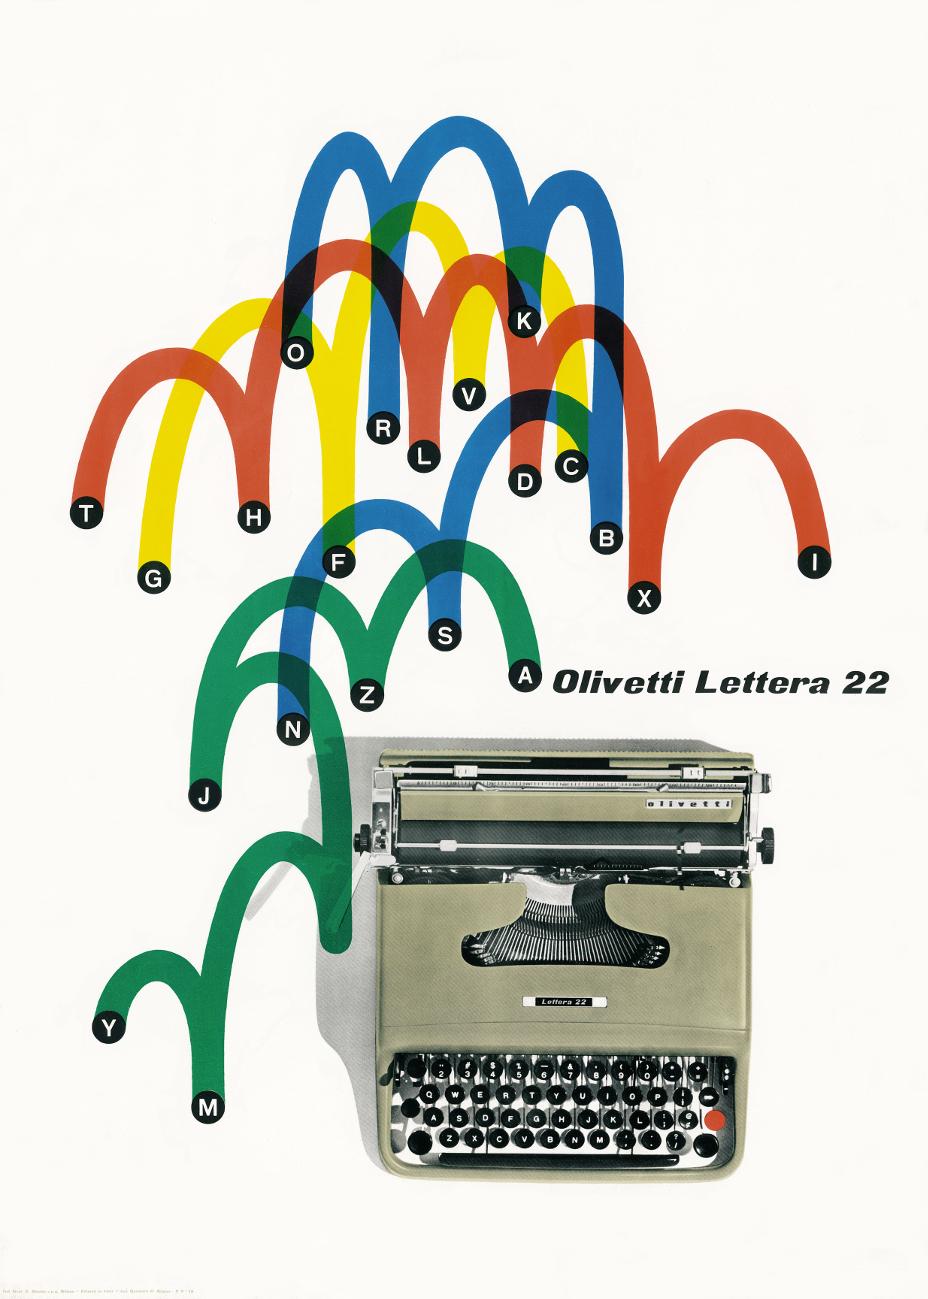 Olivetti Lettera 22, poster by Giovanni Pintori (1954). Courtesy Associazione Archivio Storico Olivetti, Ivrea – Italy